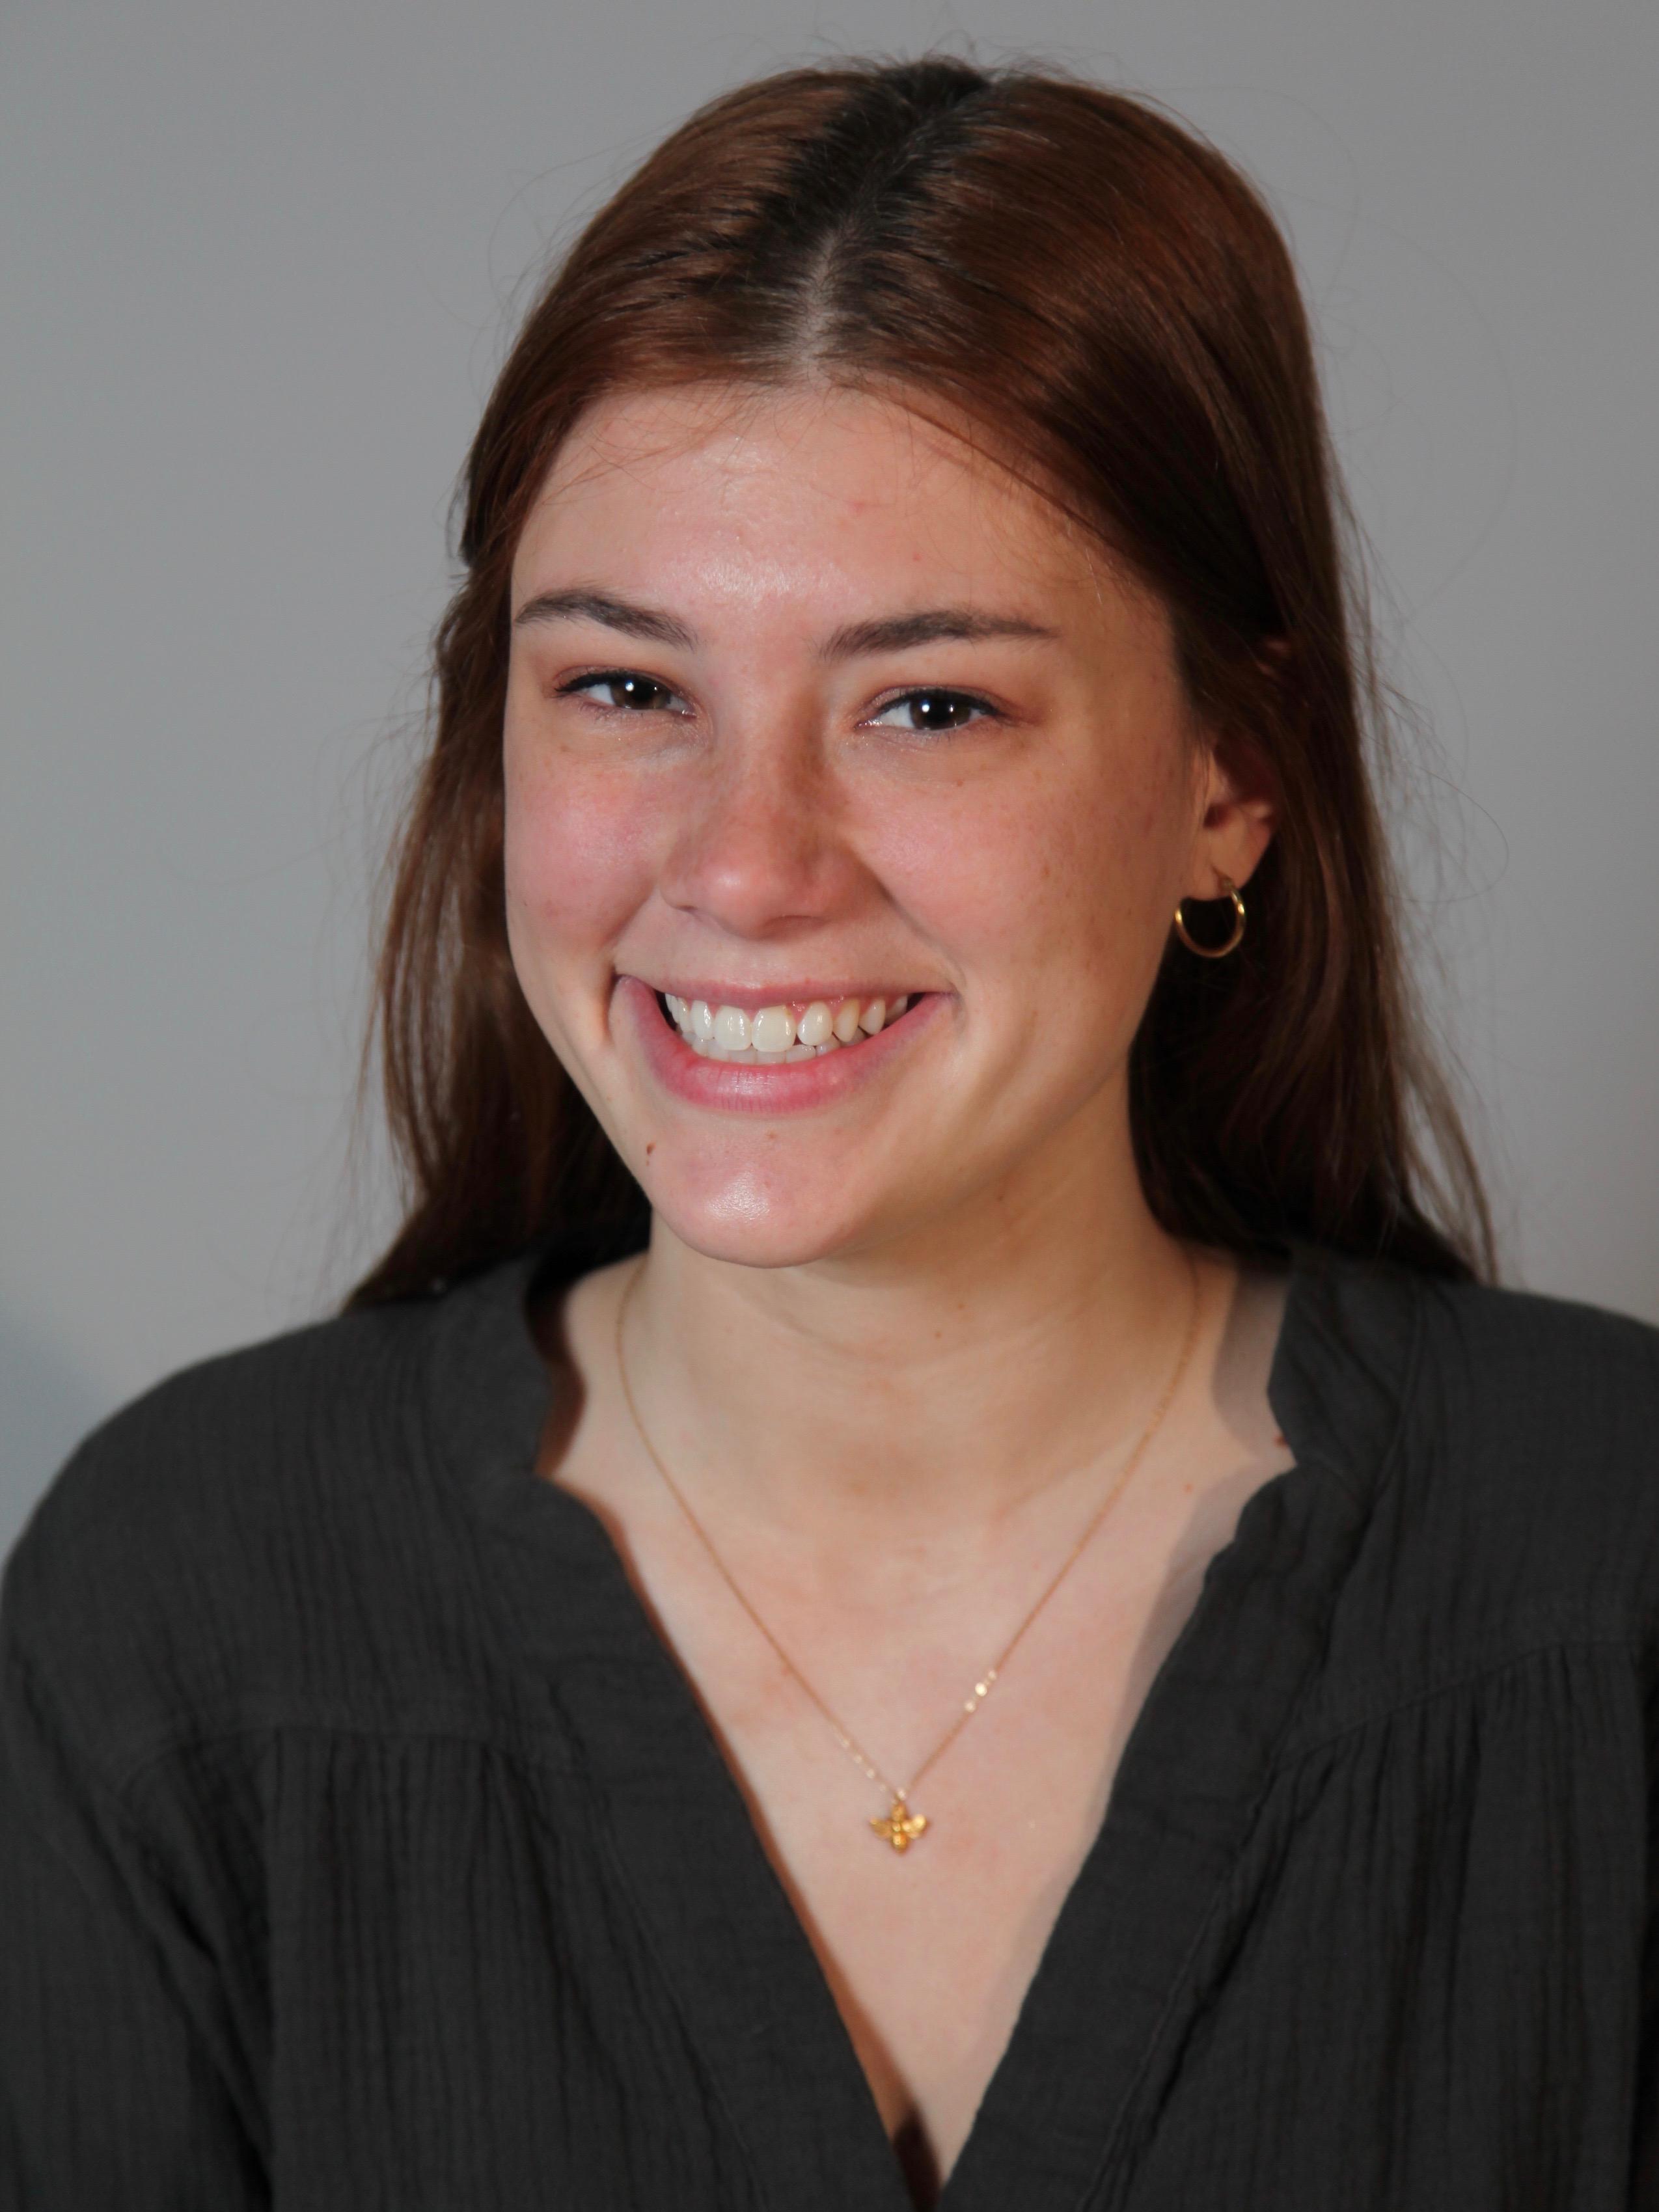 Elaina Parker